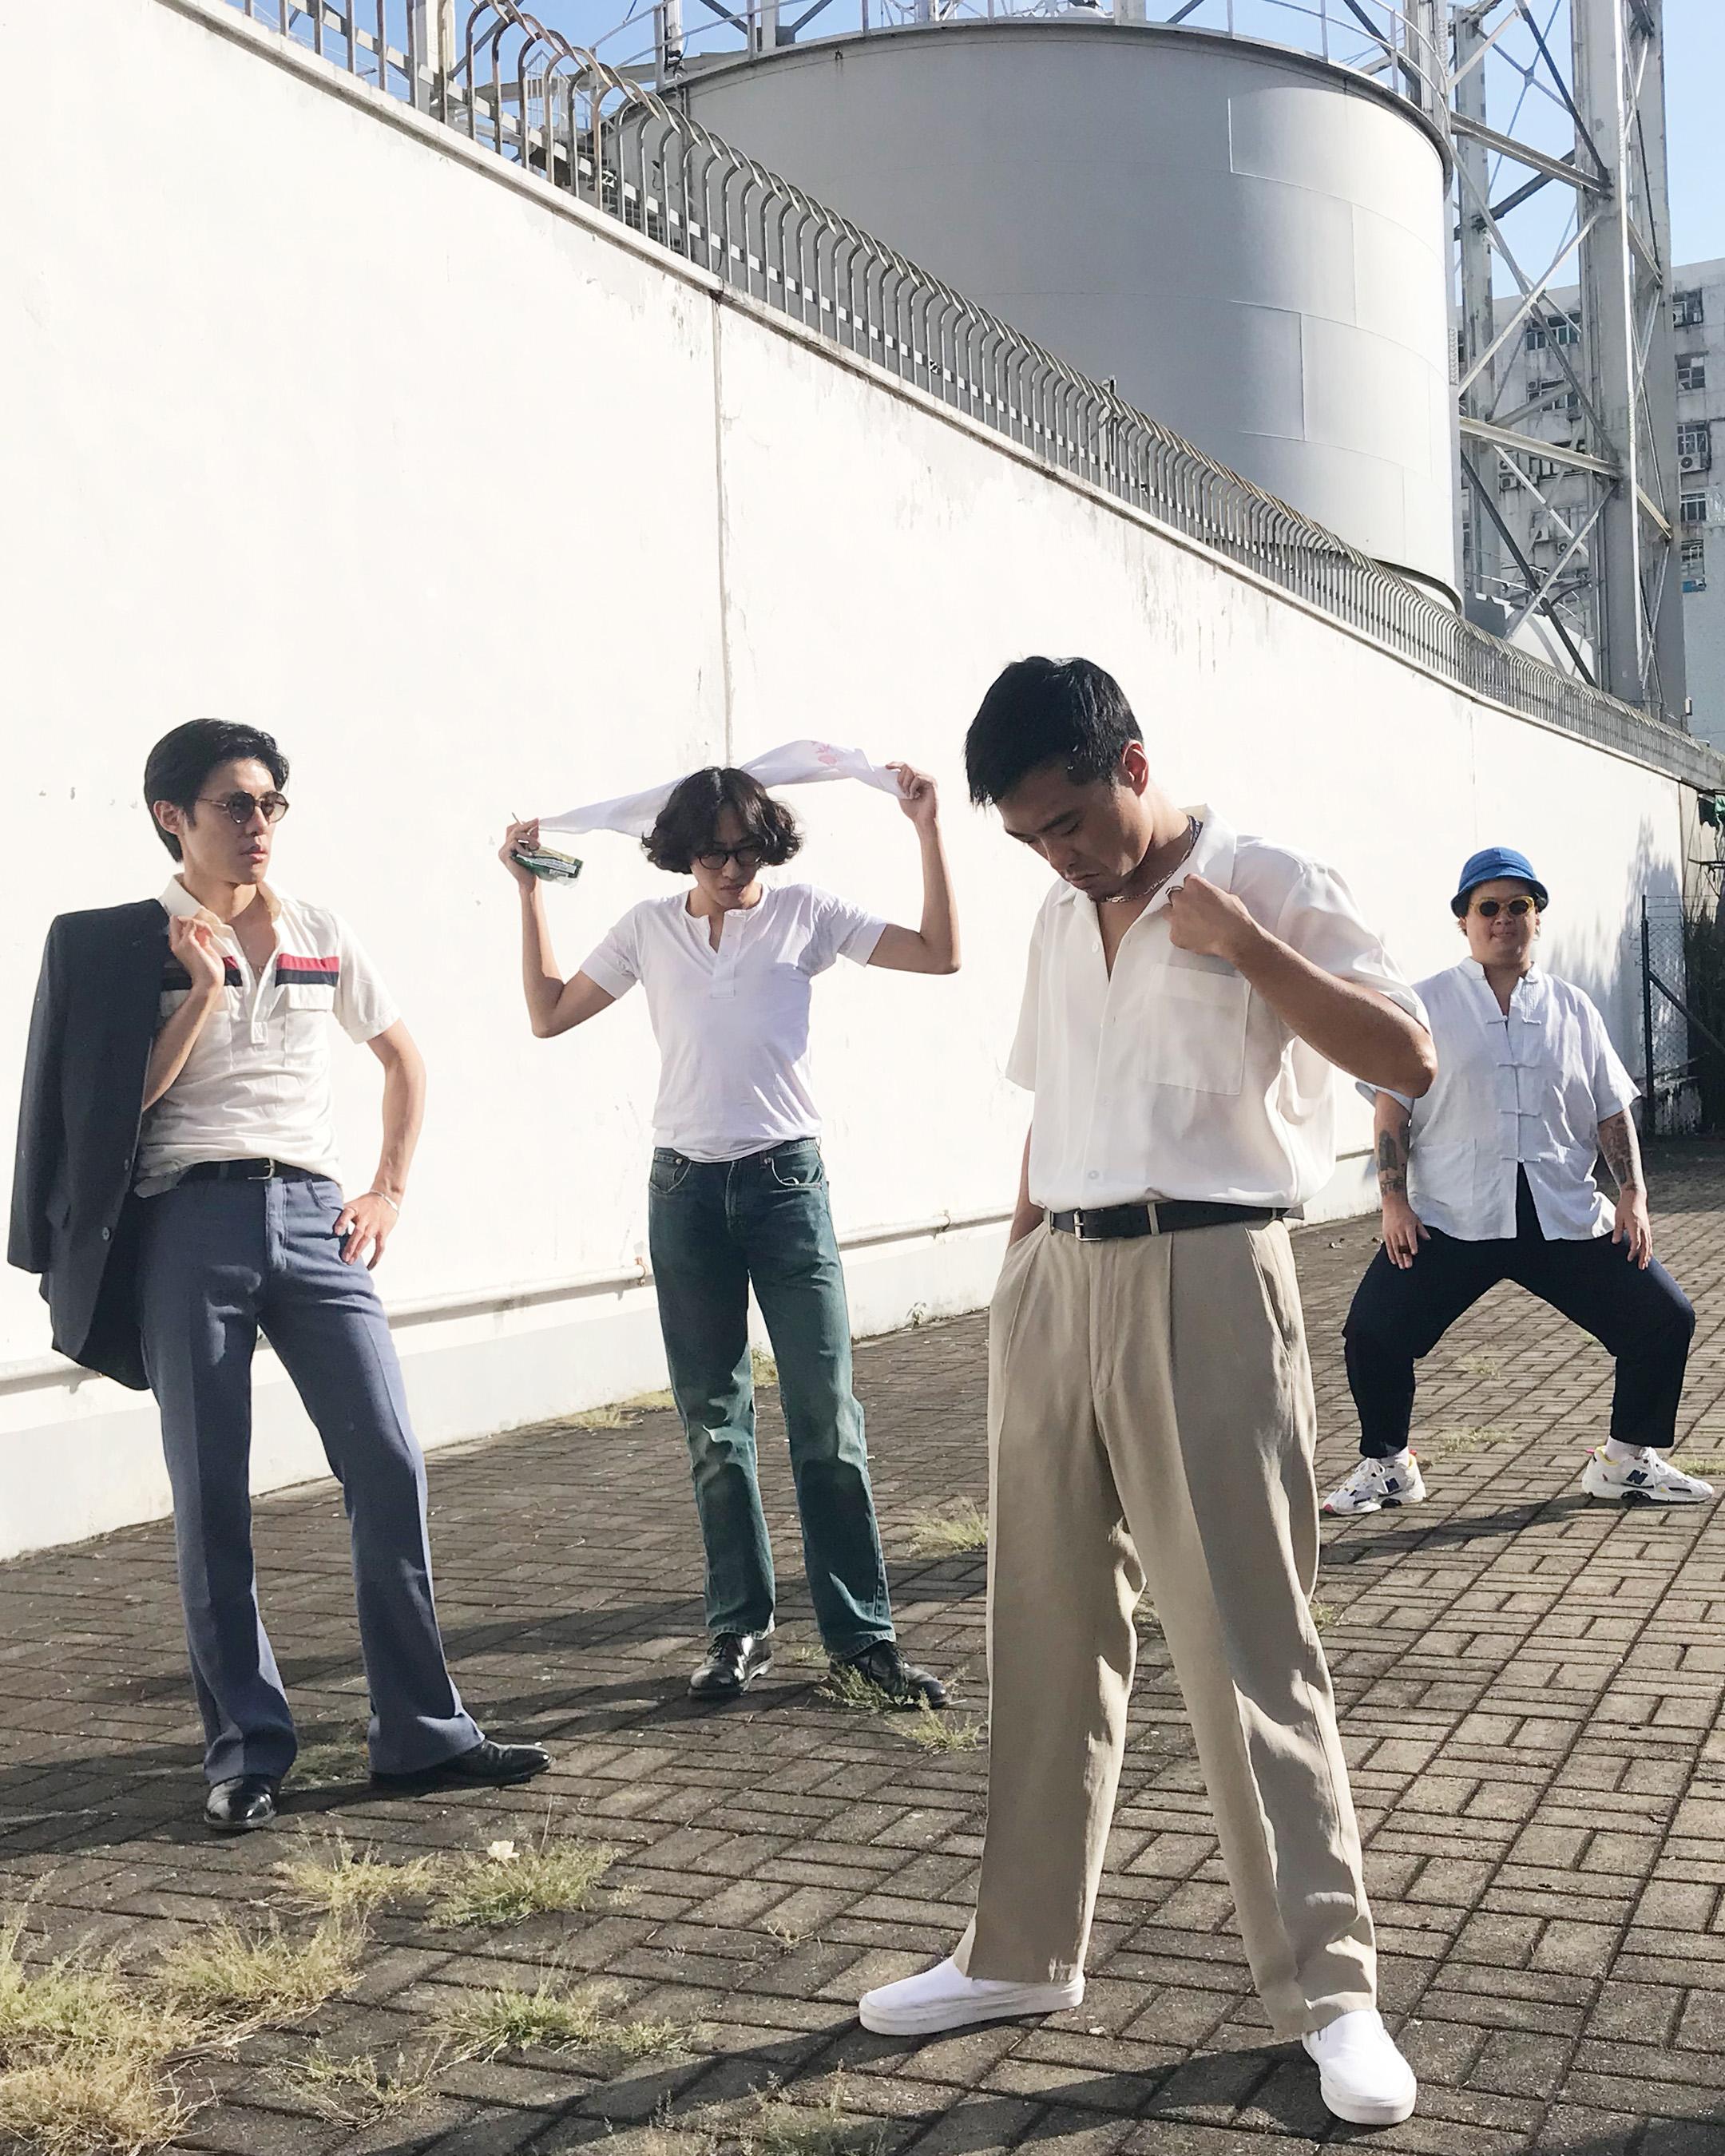 Asia experimental music folk traditions Hong Kong band NYPD